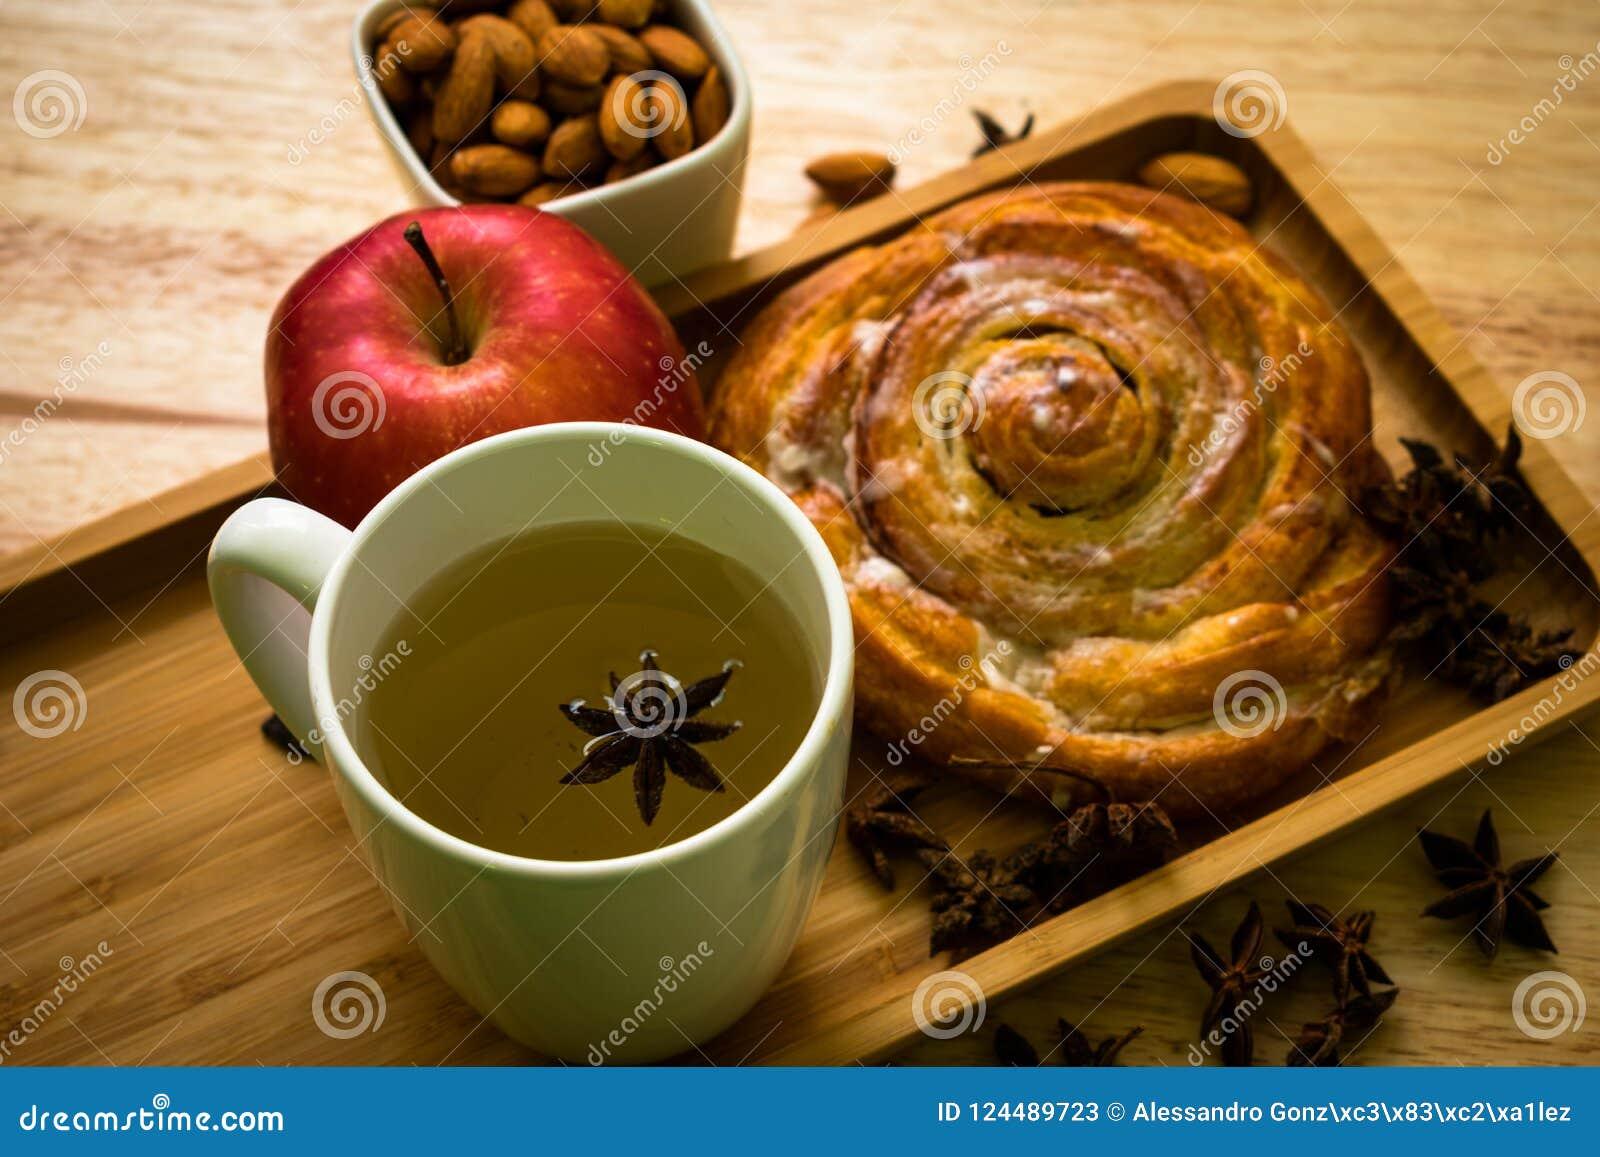 Backgroud de madeira da maçã e do chá do café da manhã do rolo de canela